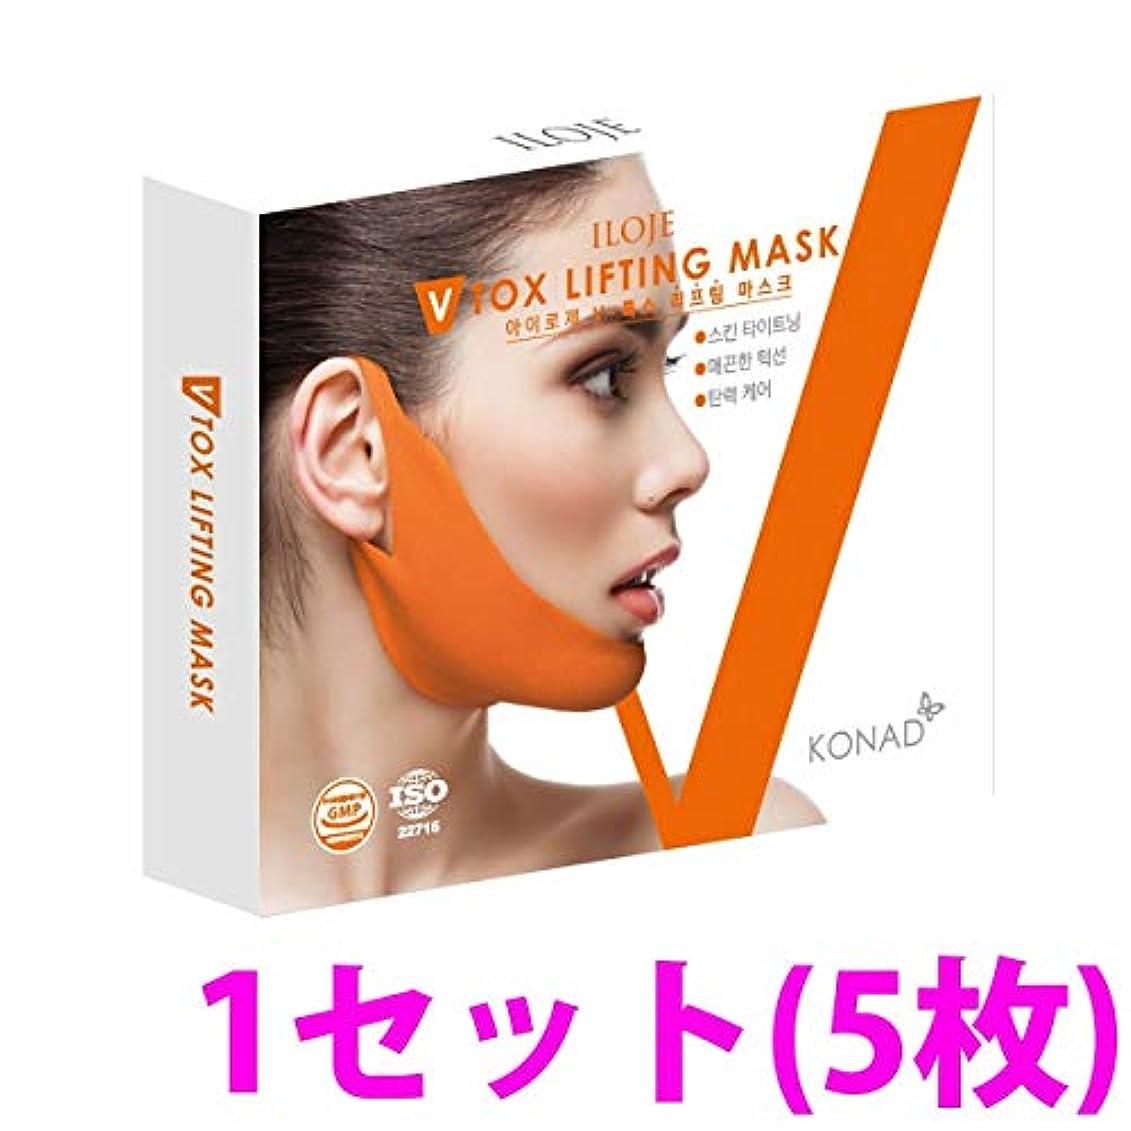 に勝る間欠ビーム女性の年齢は顎の輪郭で決まる!V-TOXリフティングマスクパック 1セット(5枚)